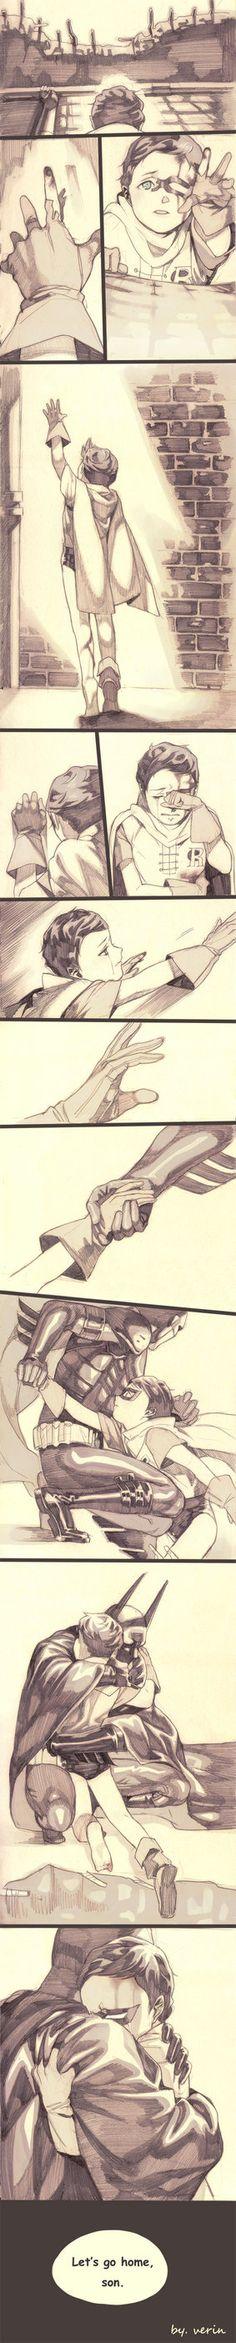 Você nos uniu porque entendia nossa dor, nossa solidão...